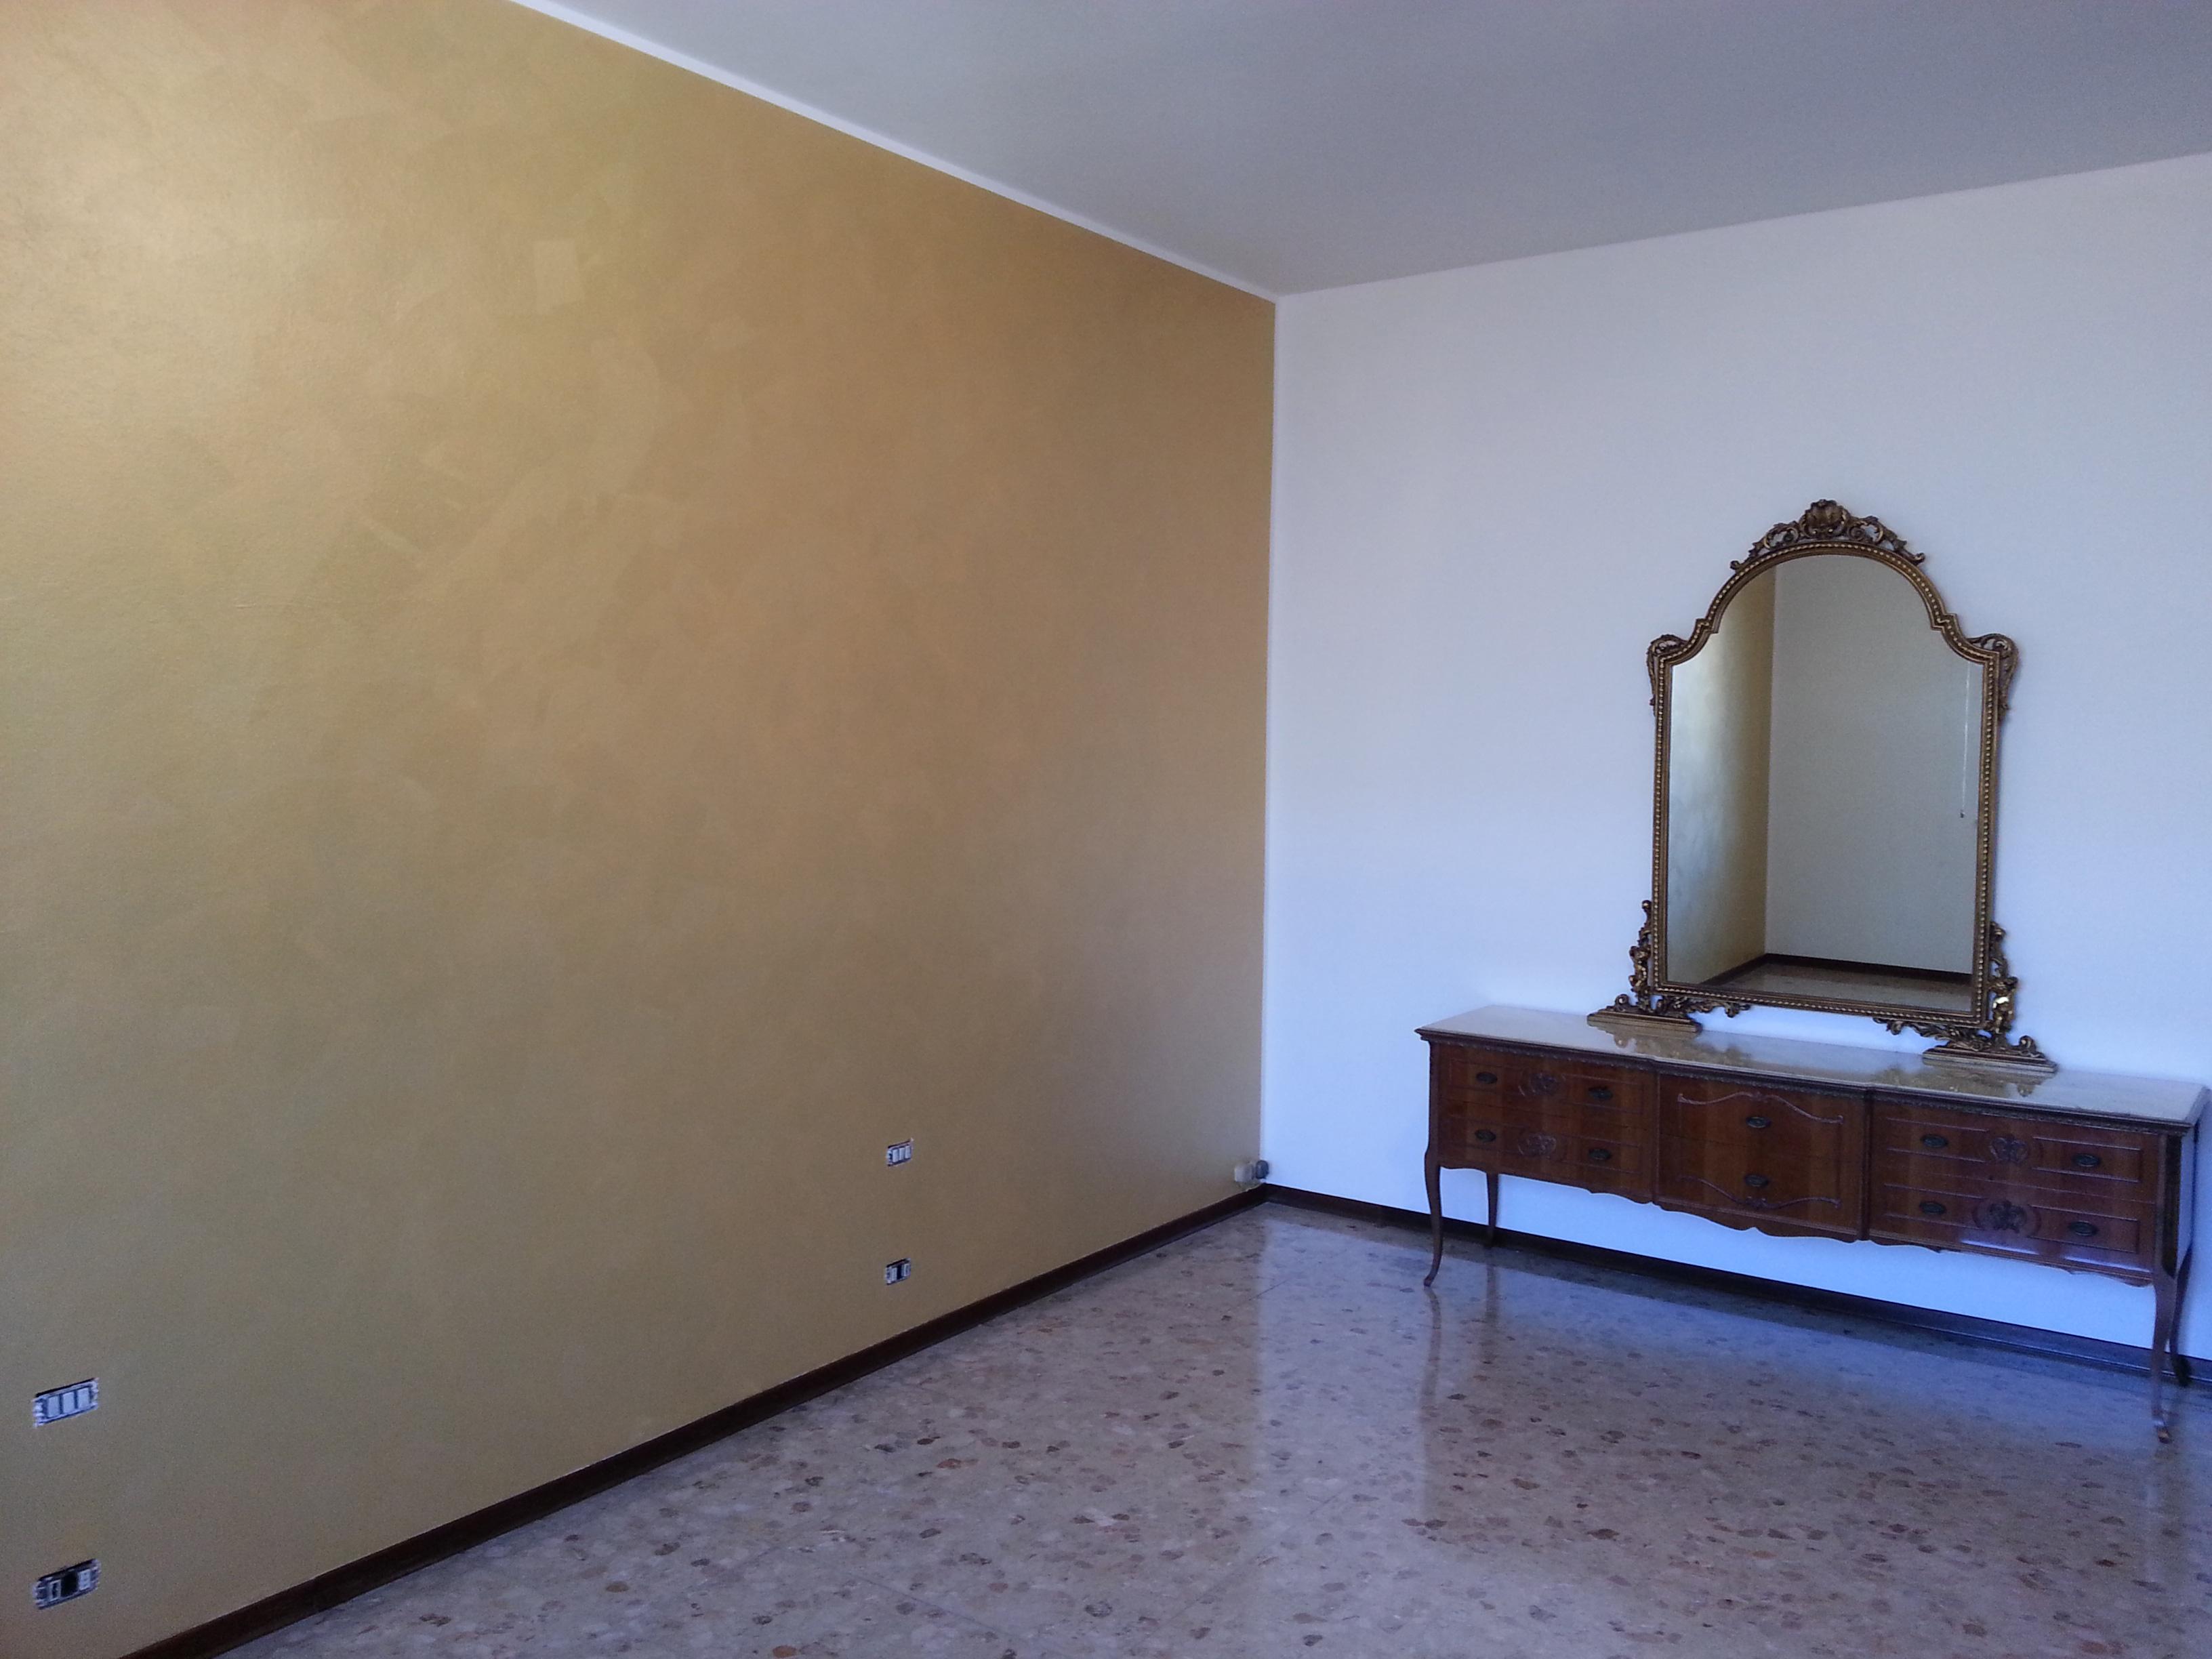 Decorazione Serika Oro per dare un alto contrasto dalle altre pareti della stanza